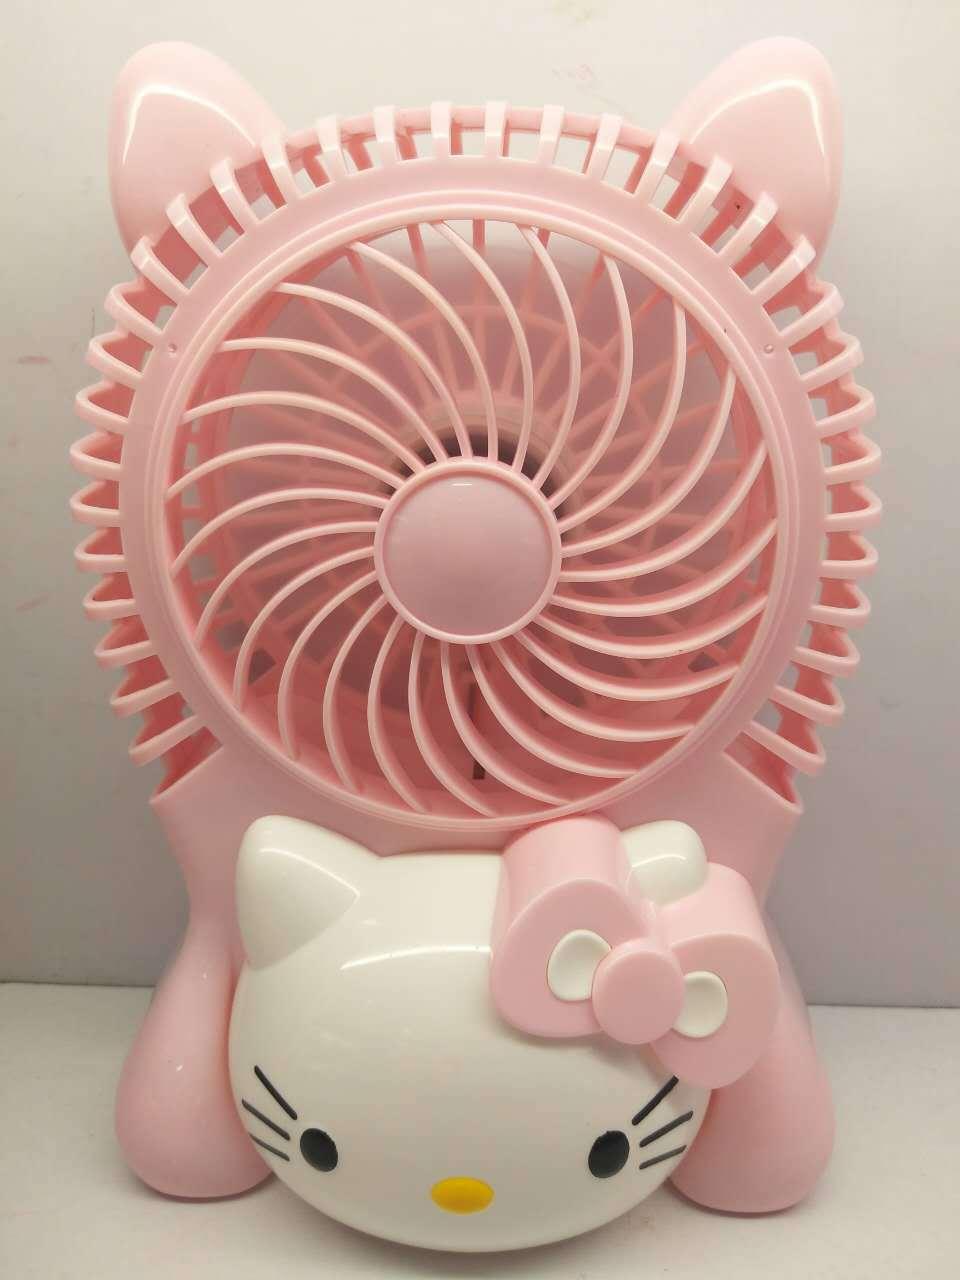 New Design Hello Kitty USB Cartoon Air Cooling Fan Rechargeable Creative 2 Gears Breeze Mini Portable Rotary Cooling Fan new mini cooling rechargeable fan